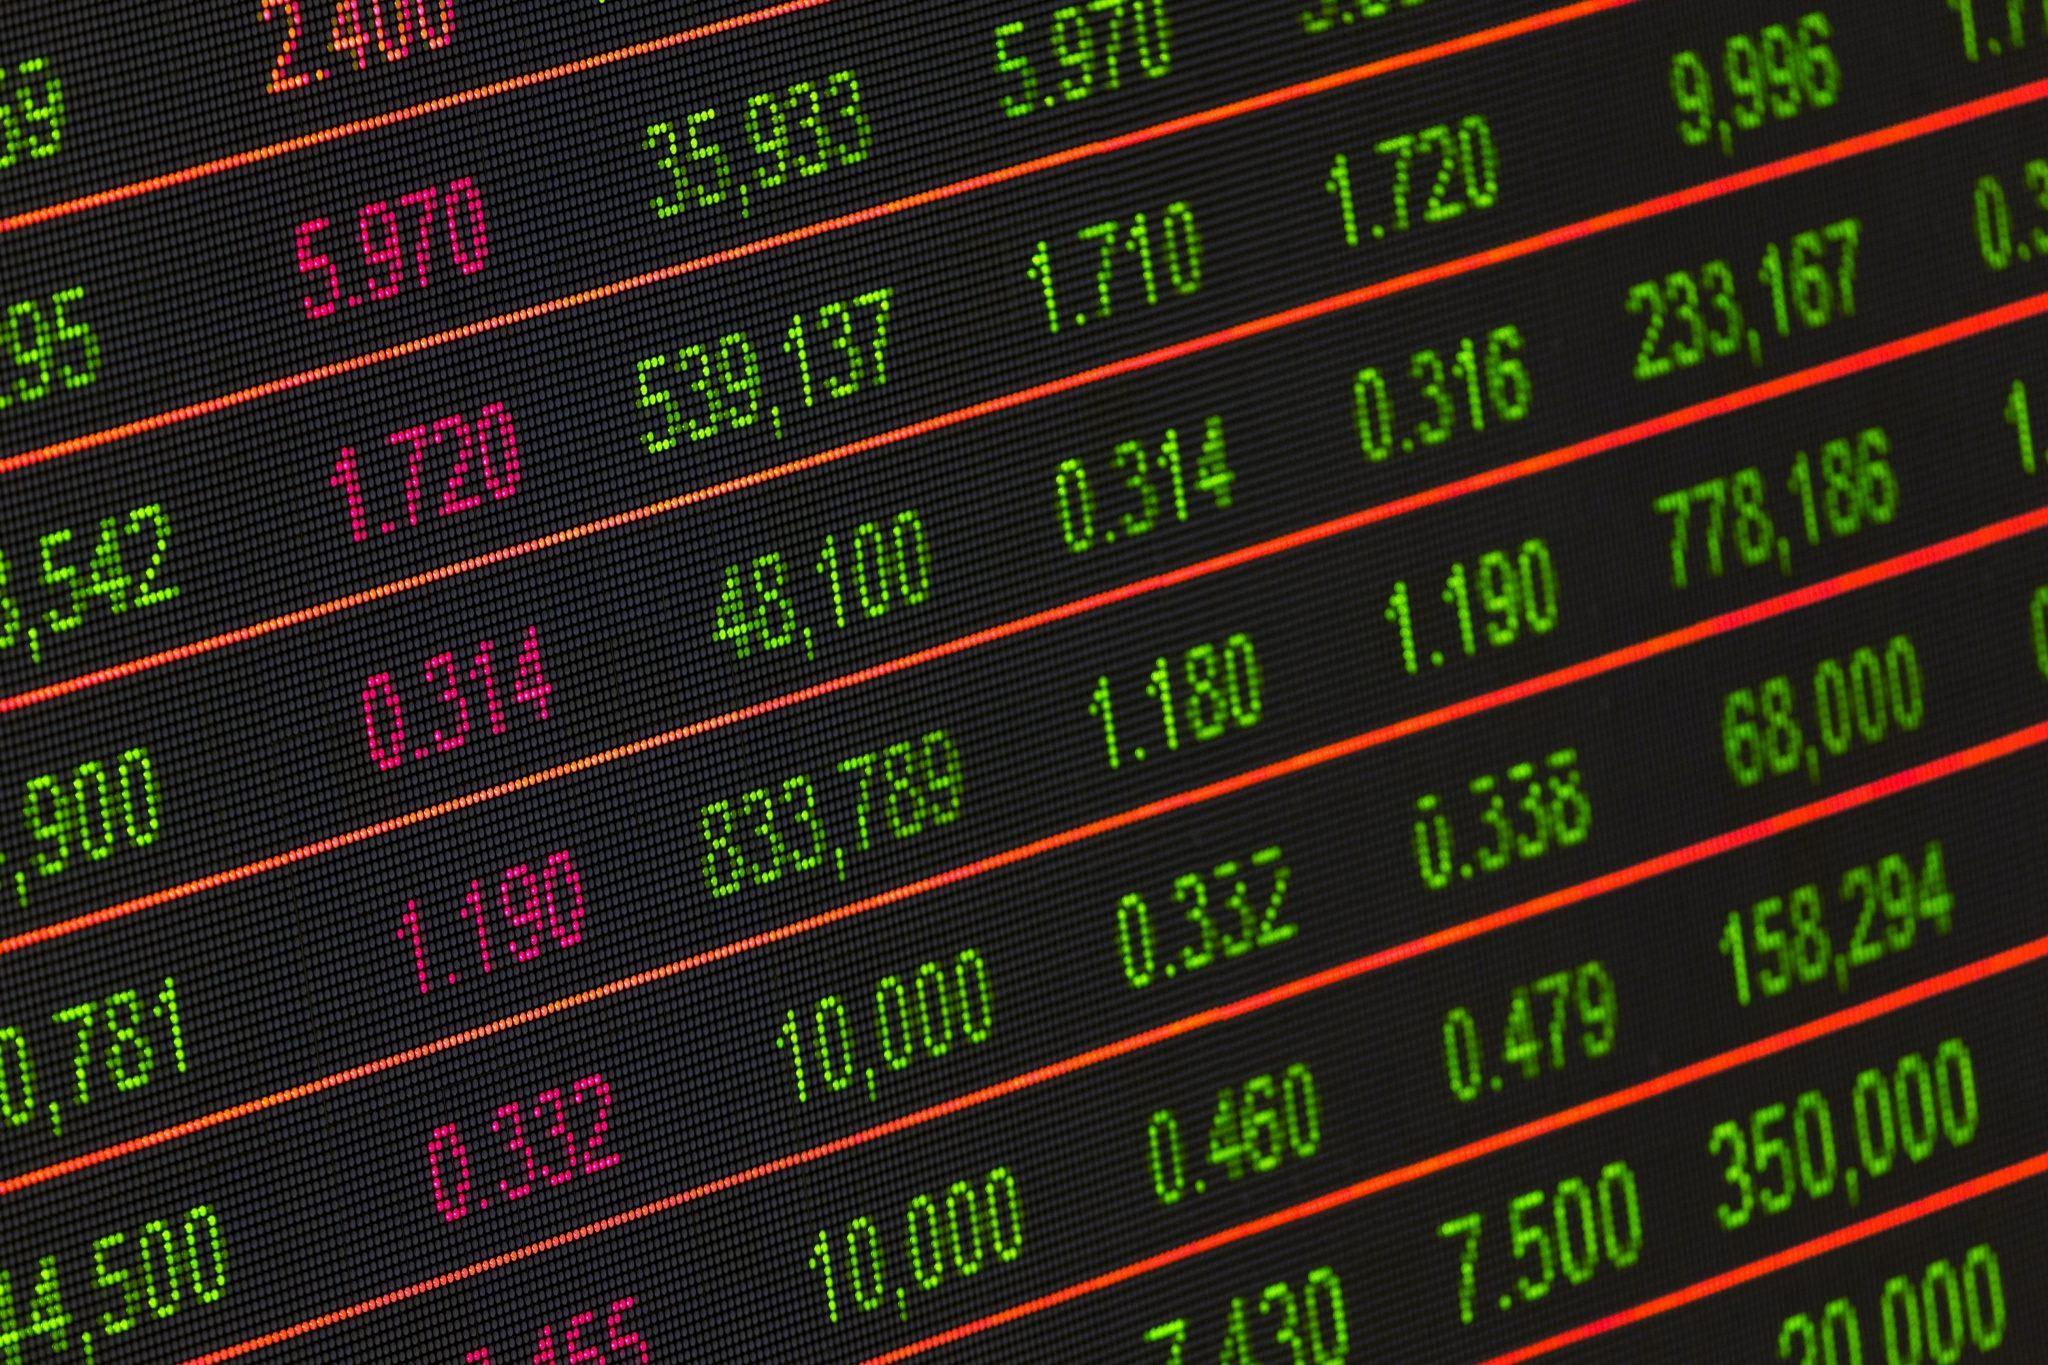 árak a bináris opciós piacon)